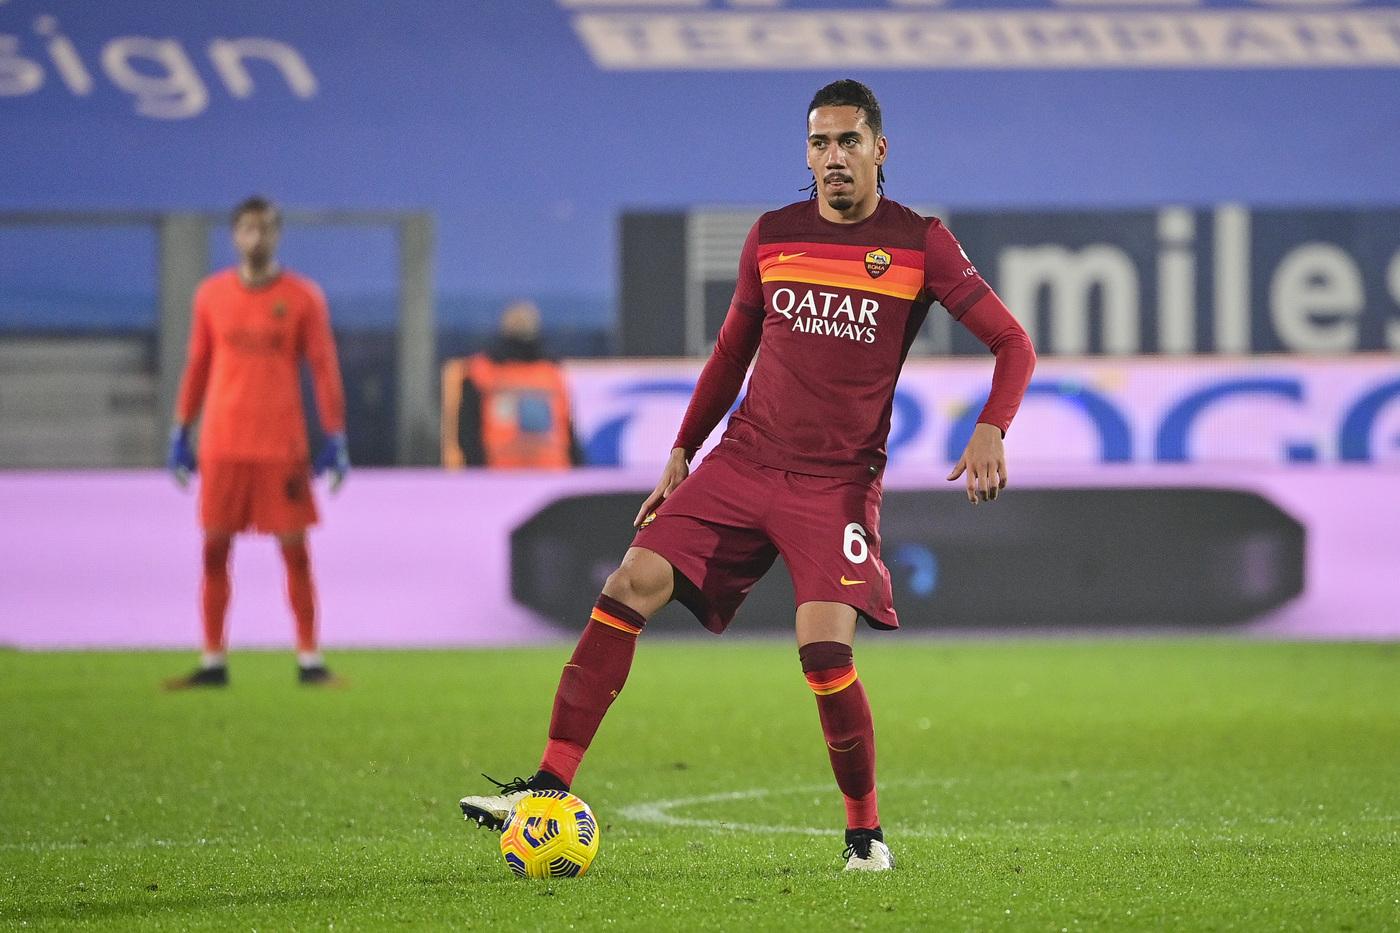 Le pagelle di Roma-Inter: che esame per Smalling contro Lukaku